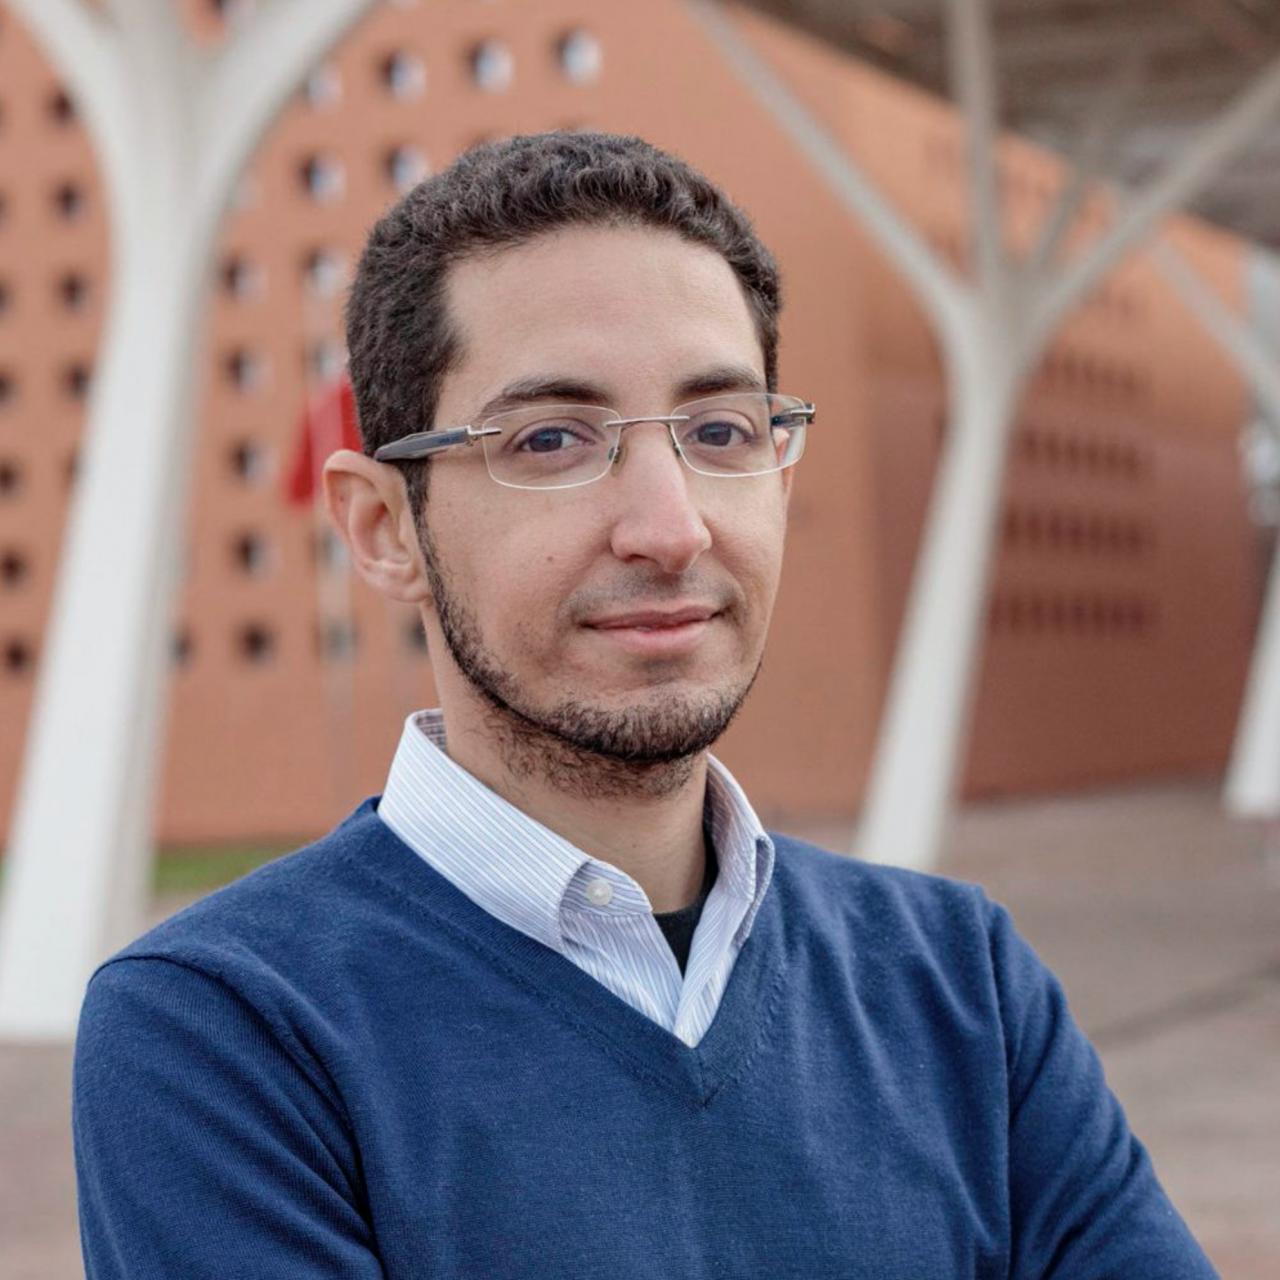 Maroc : Africa Business School lance un programme MBA « 100% Online » pour créer des réseaux et des communautés d'apprentissage de cadres et d'entrepreneurs panafricains 2